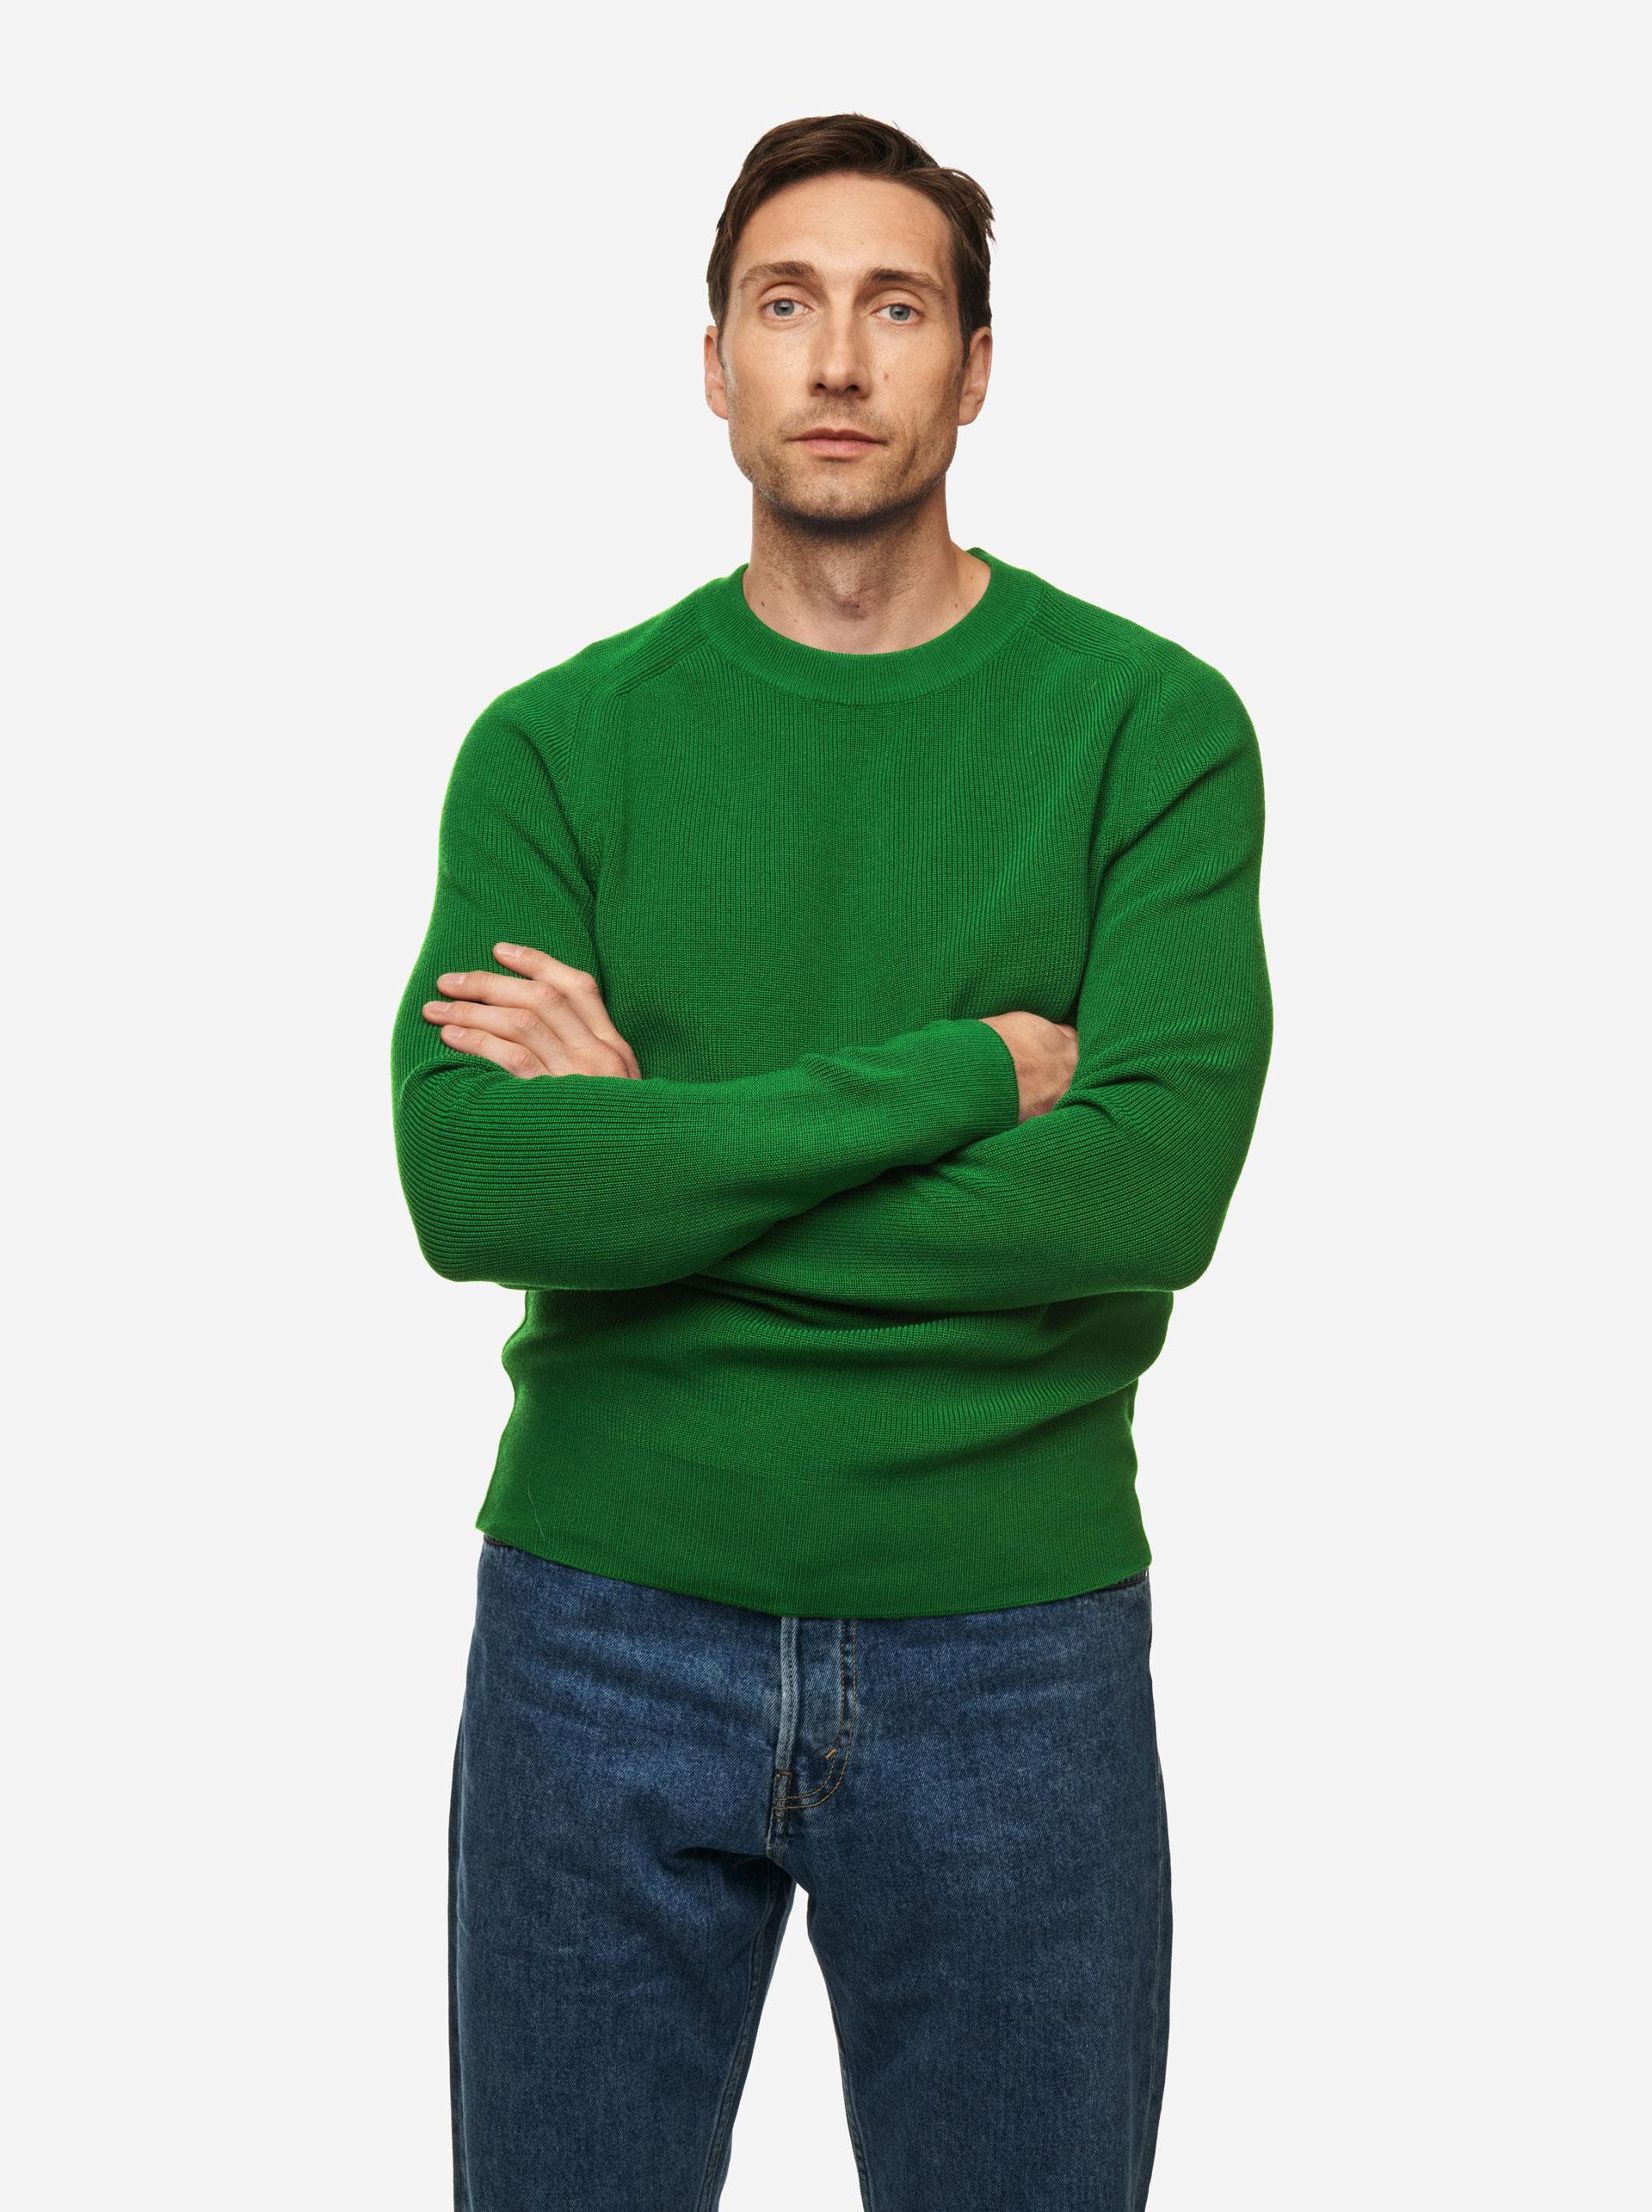 Teym - The Merino Sweater - Men - Bright Green - 1